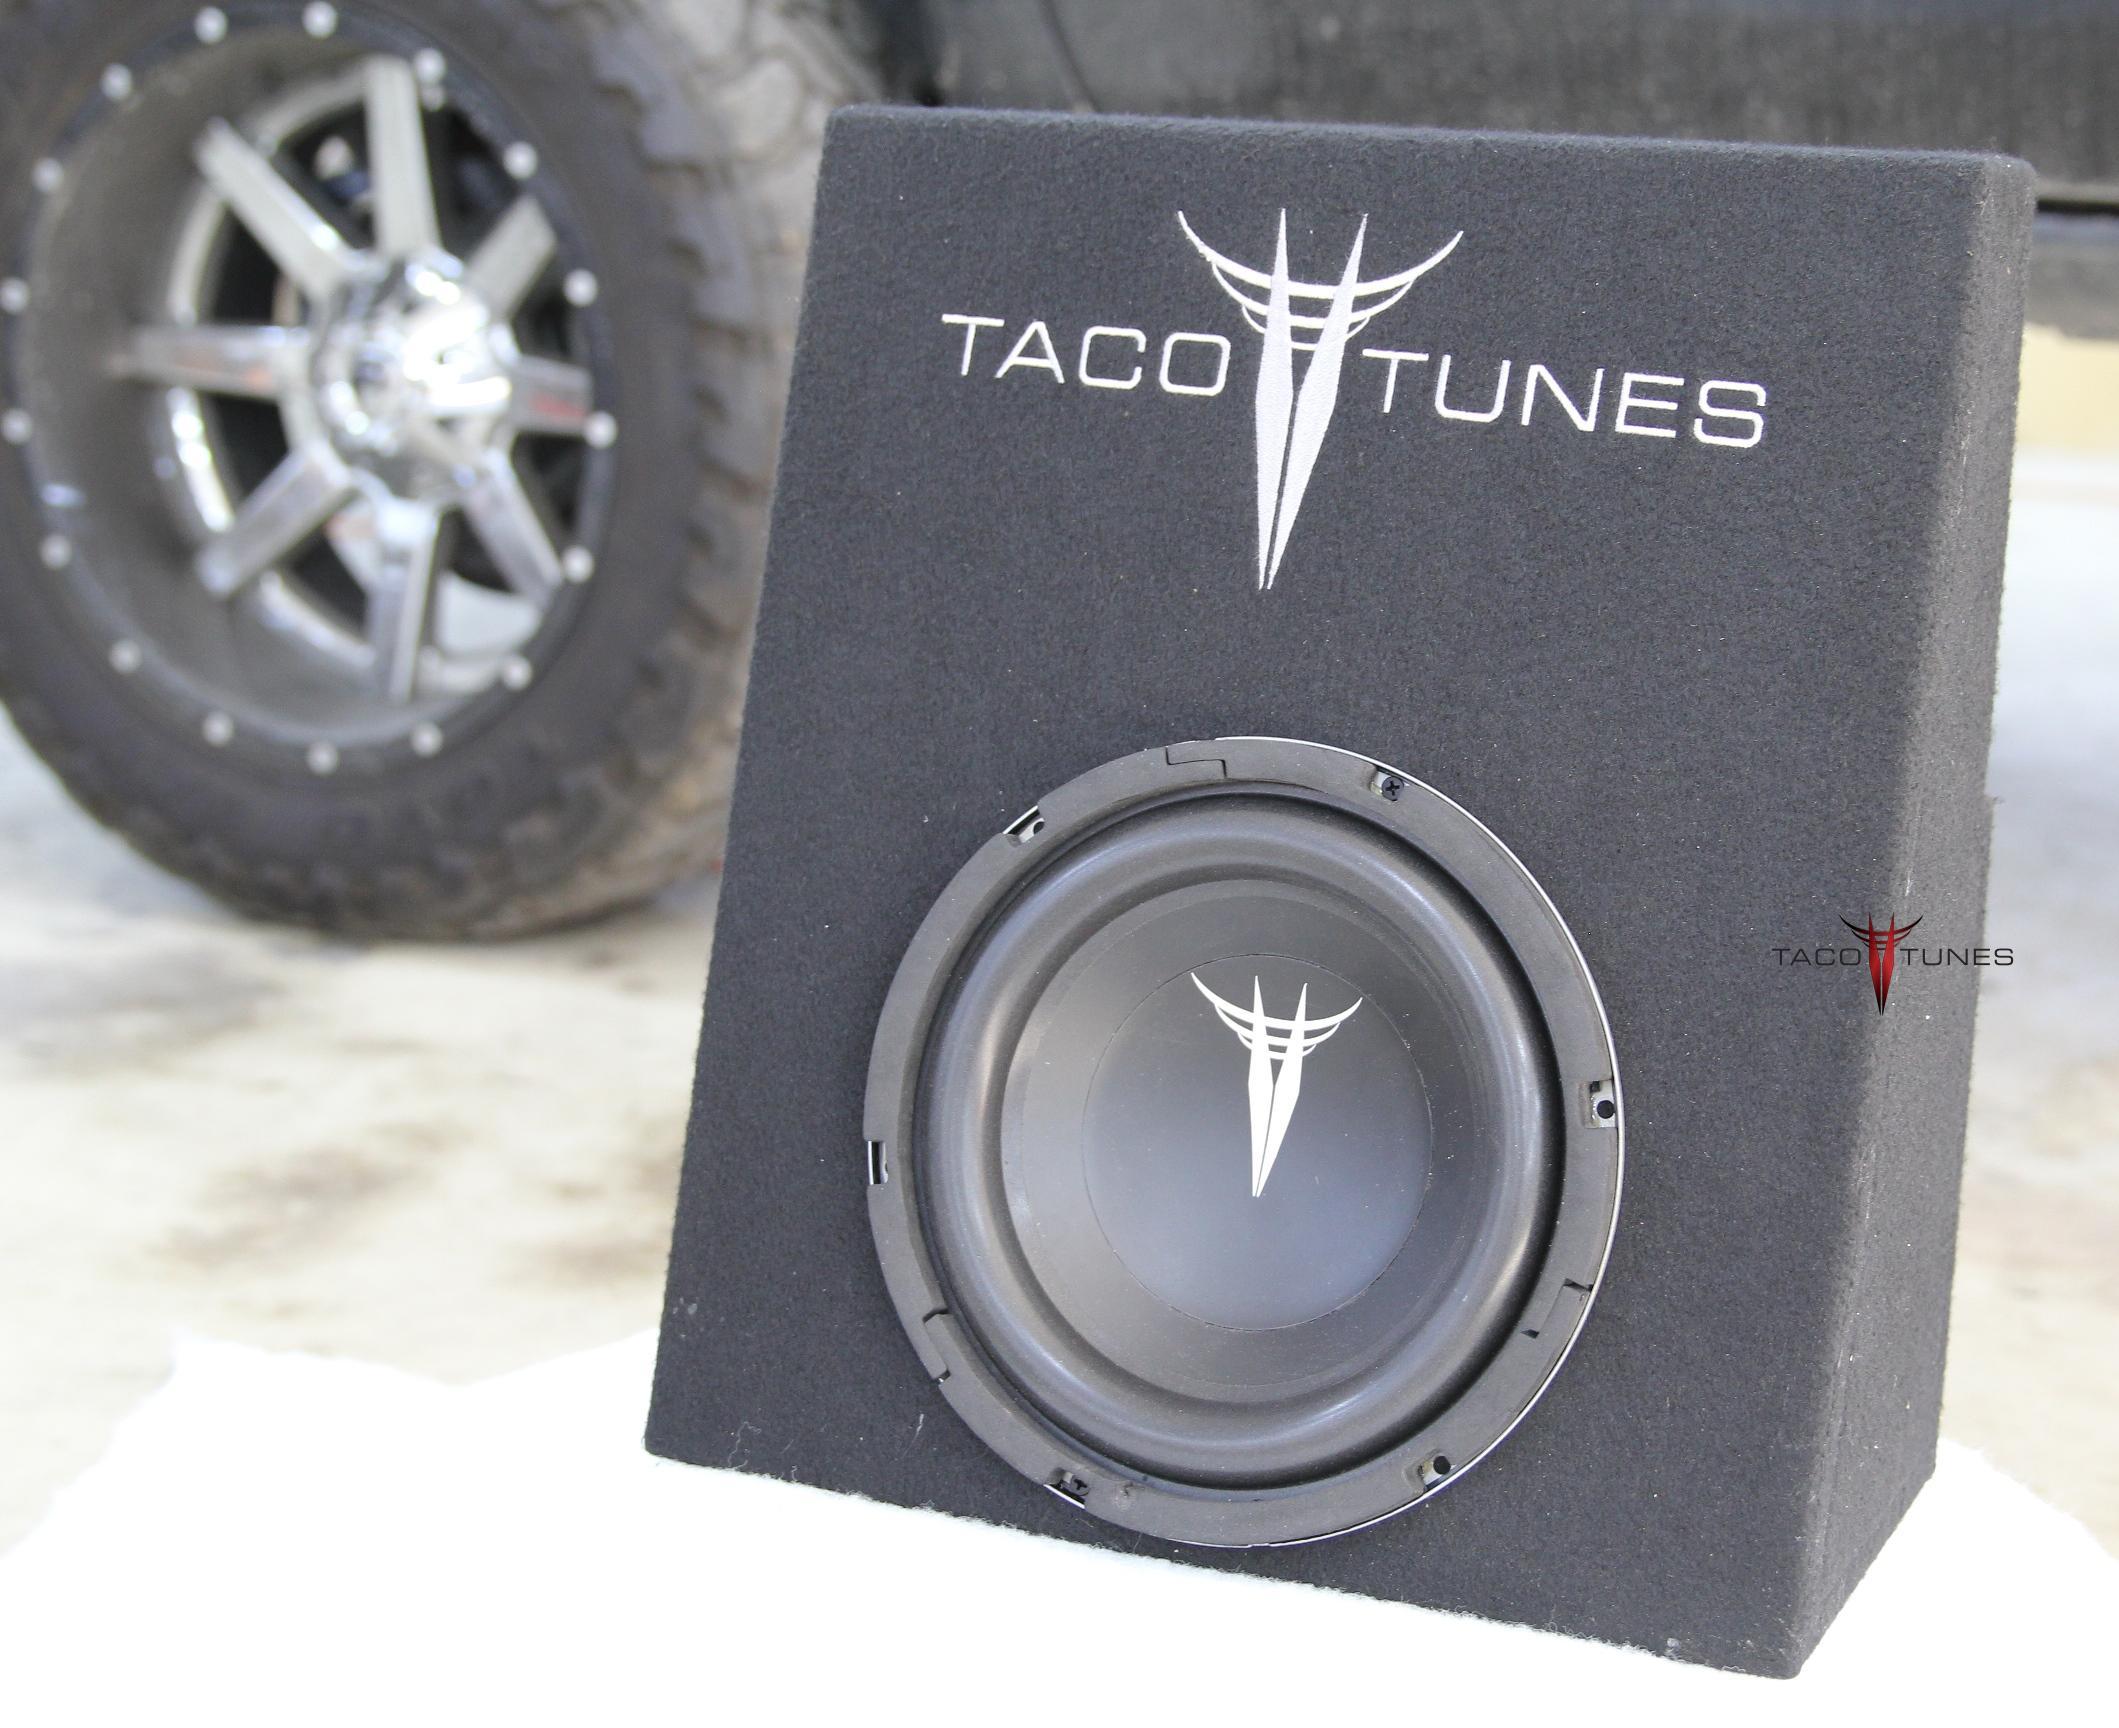 tacoma 10 subwoofer box and subwoofer packaged 2005 2018. Black Bedroom Furniture Sets. Home Design Ideas